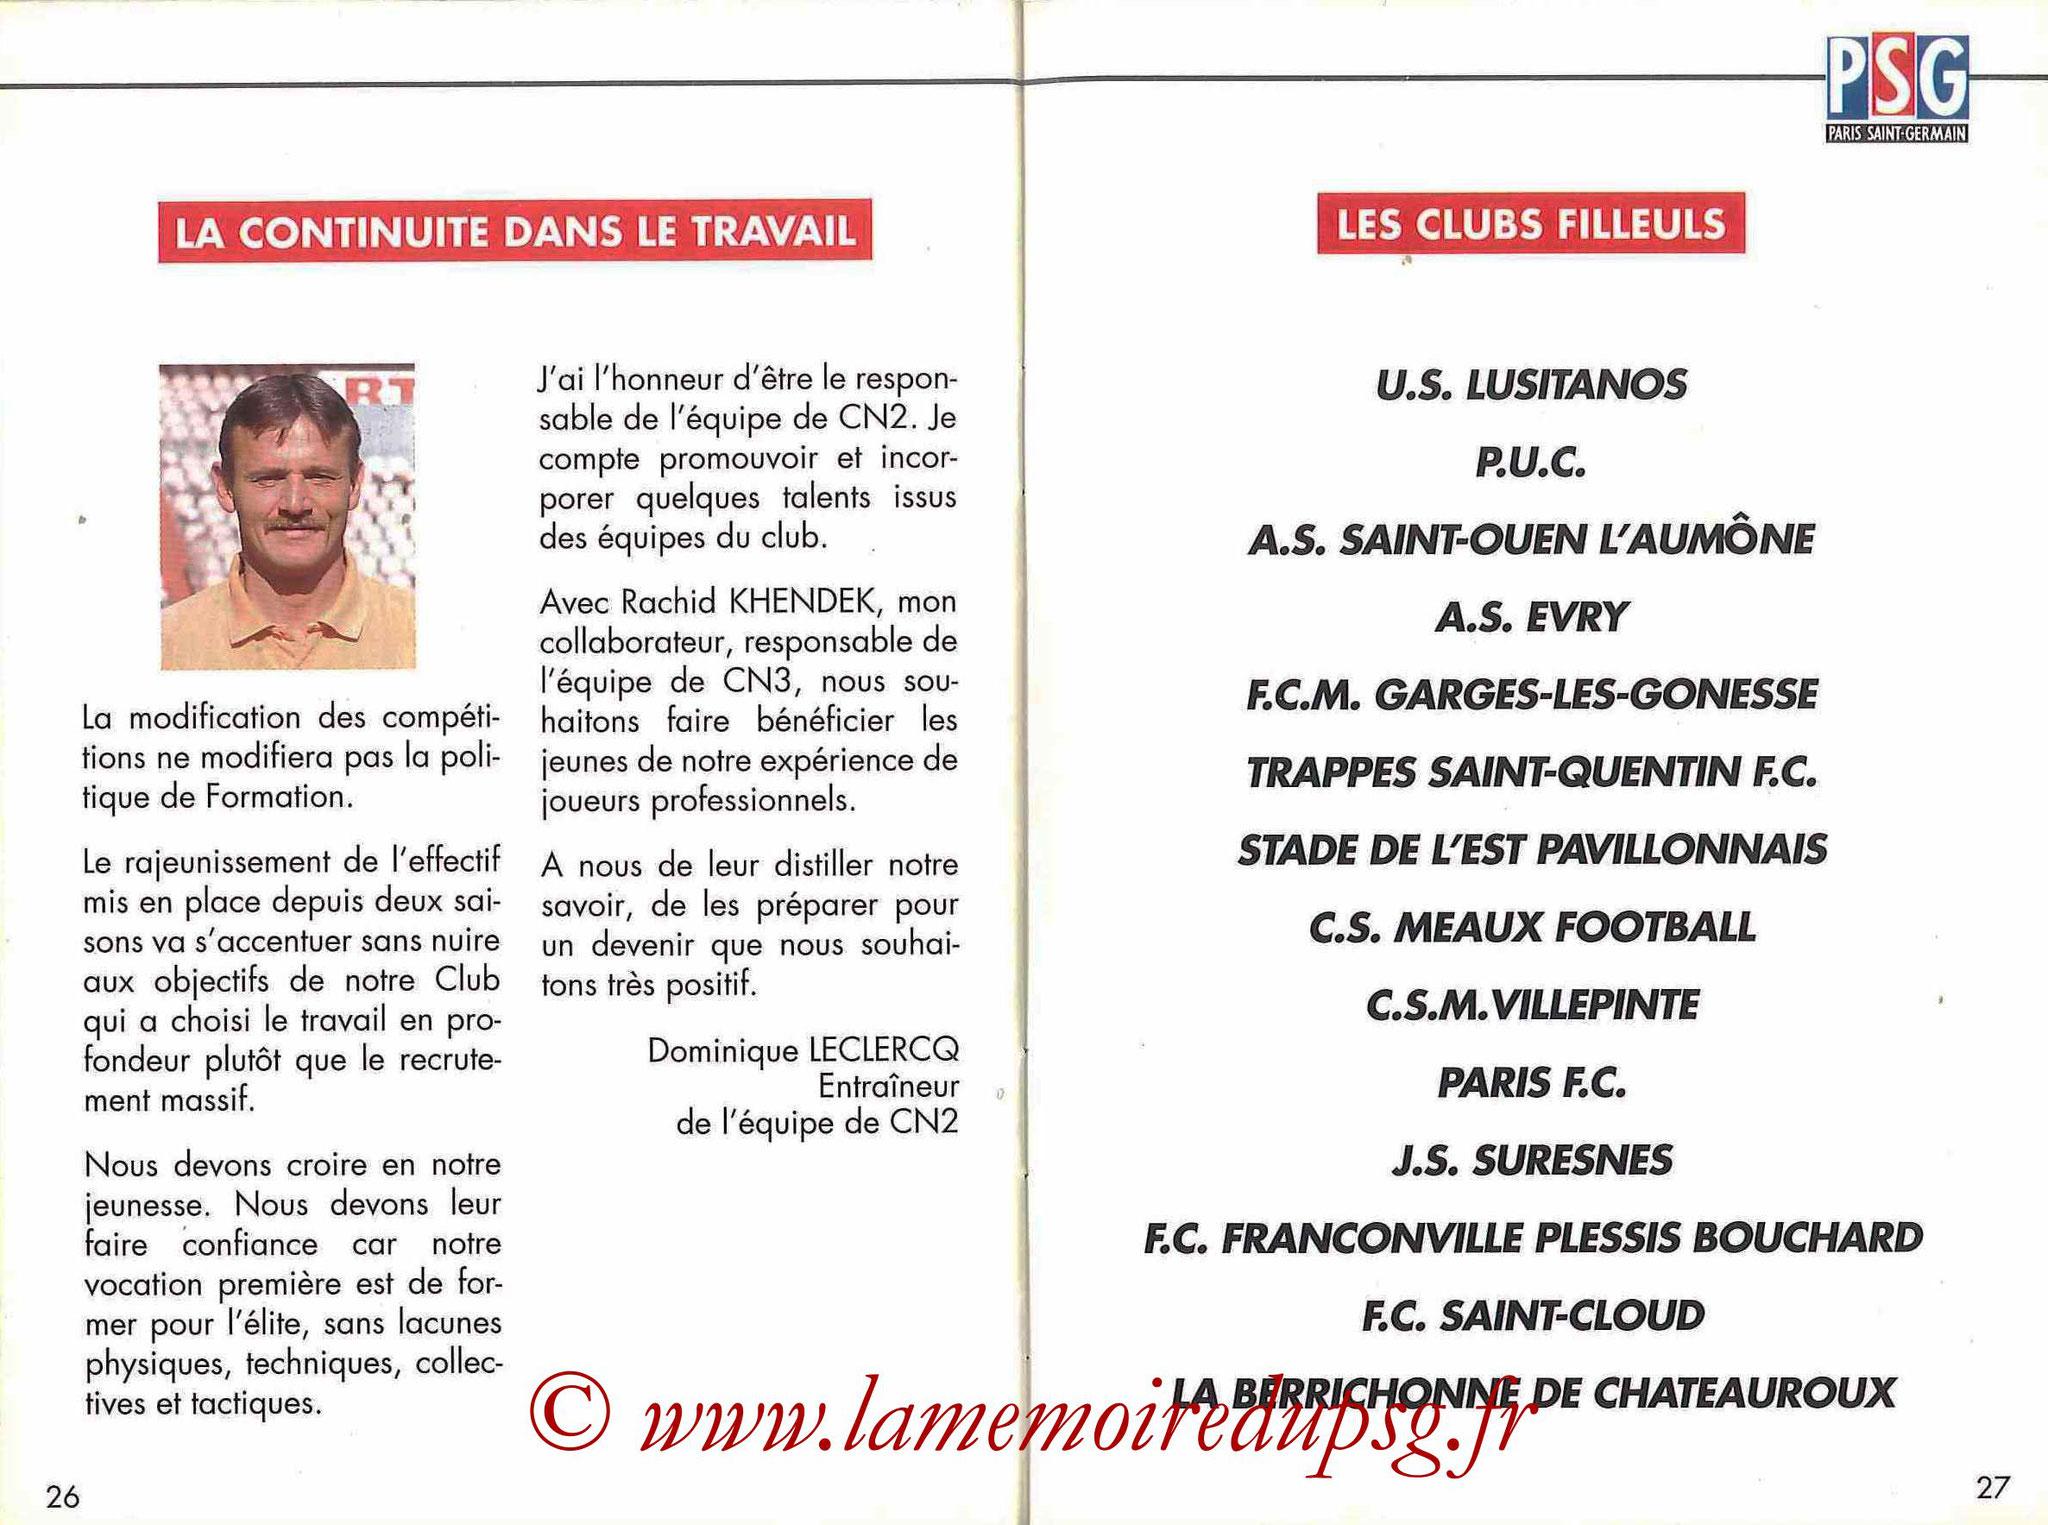 1993-94 - Guide de la Saison PSG - Pages 26 et 27